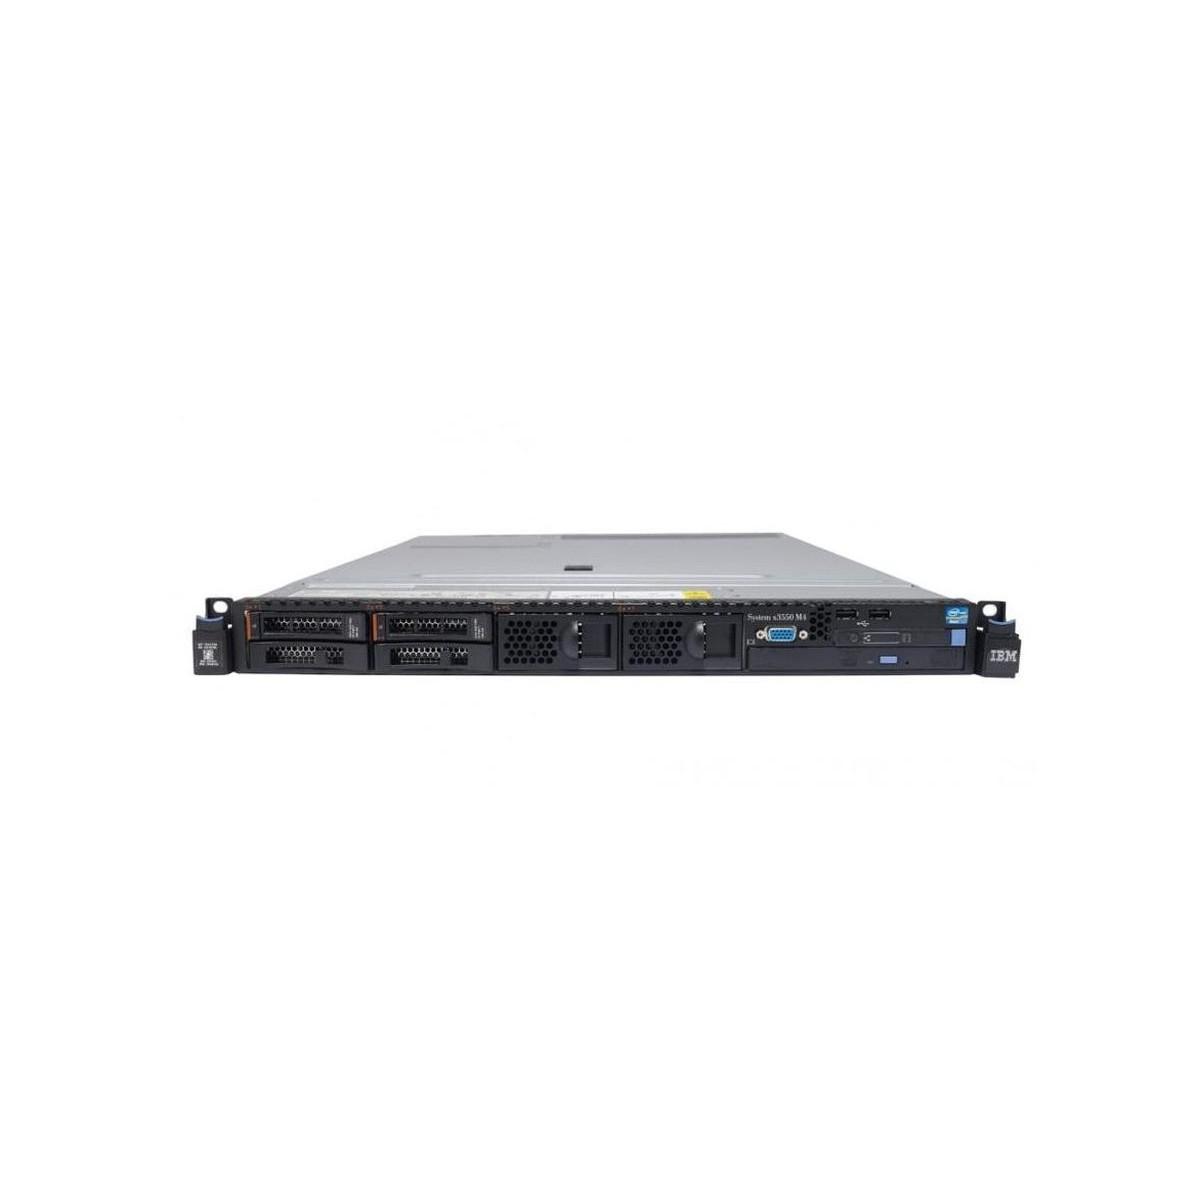 DELL T5400 2x2,33QC E5410 32GB 2x2TB NVS290 WIN10